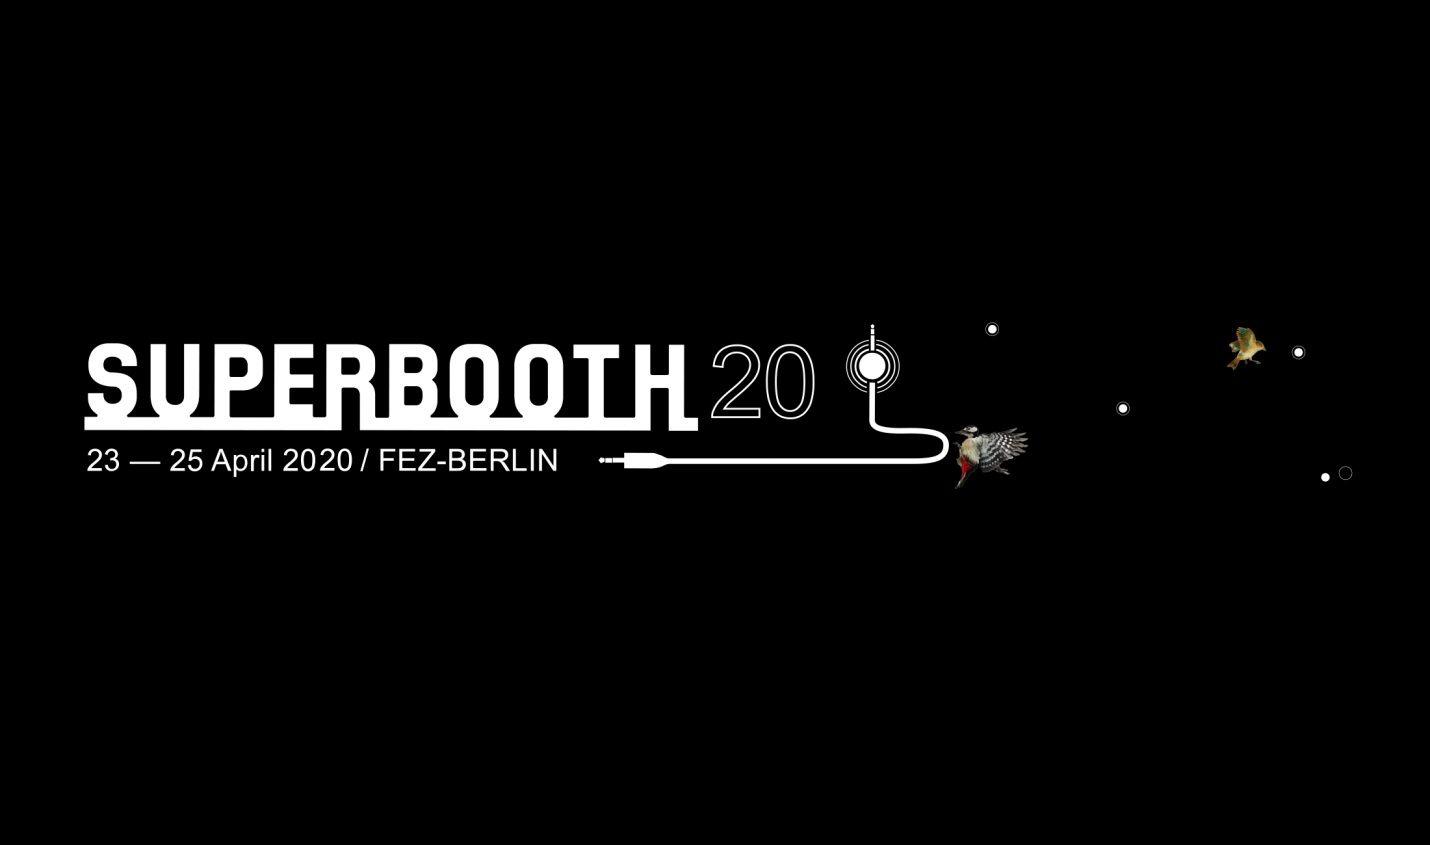 Superbooth 2020: Termin angekündigt und Ticket-Vorverkauf